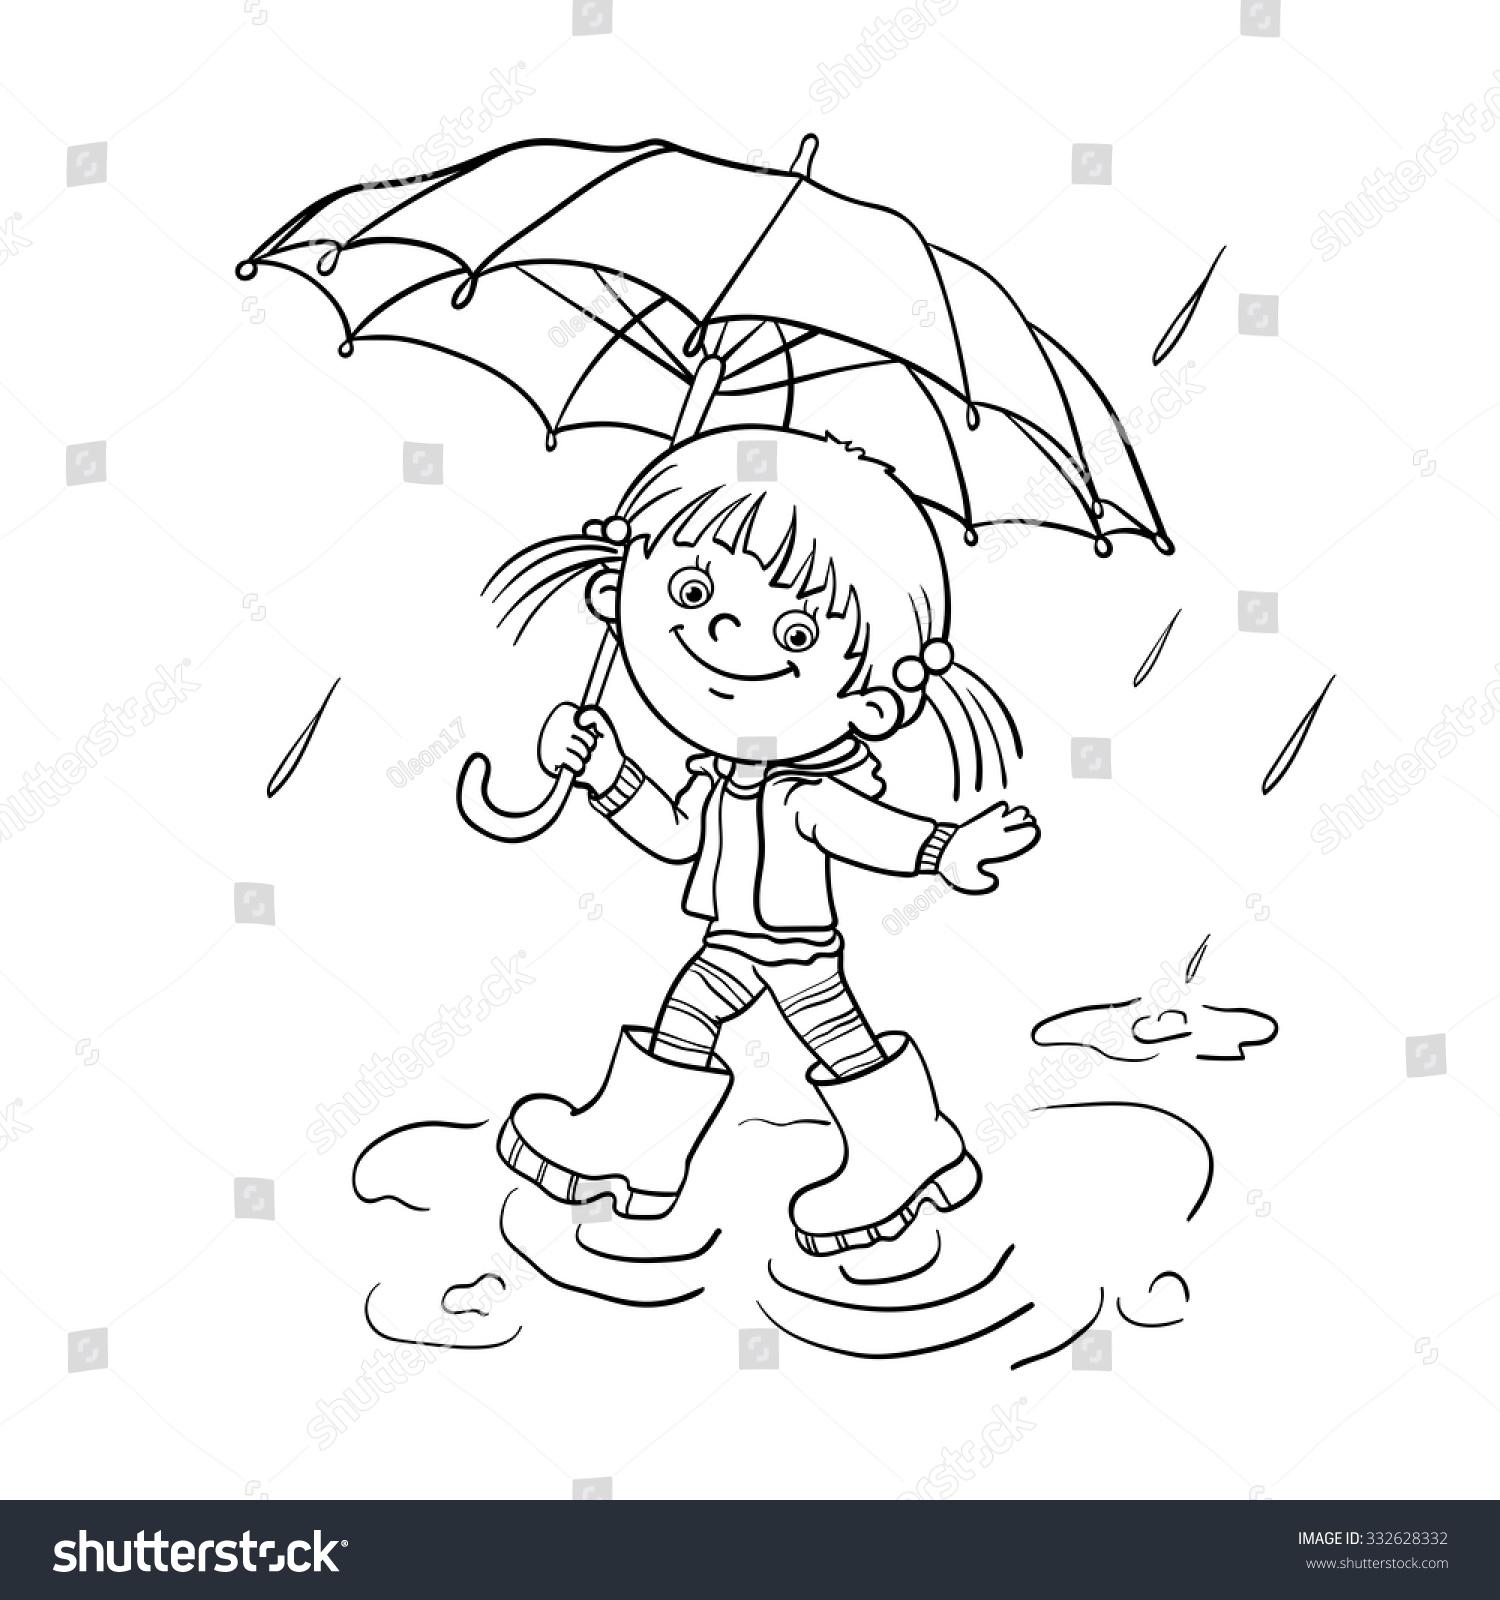 Раскраска девочка с зонтиком - 9